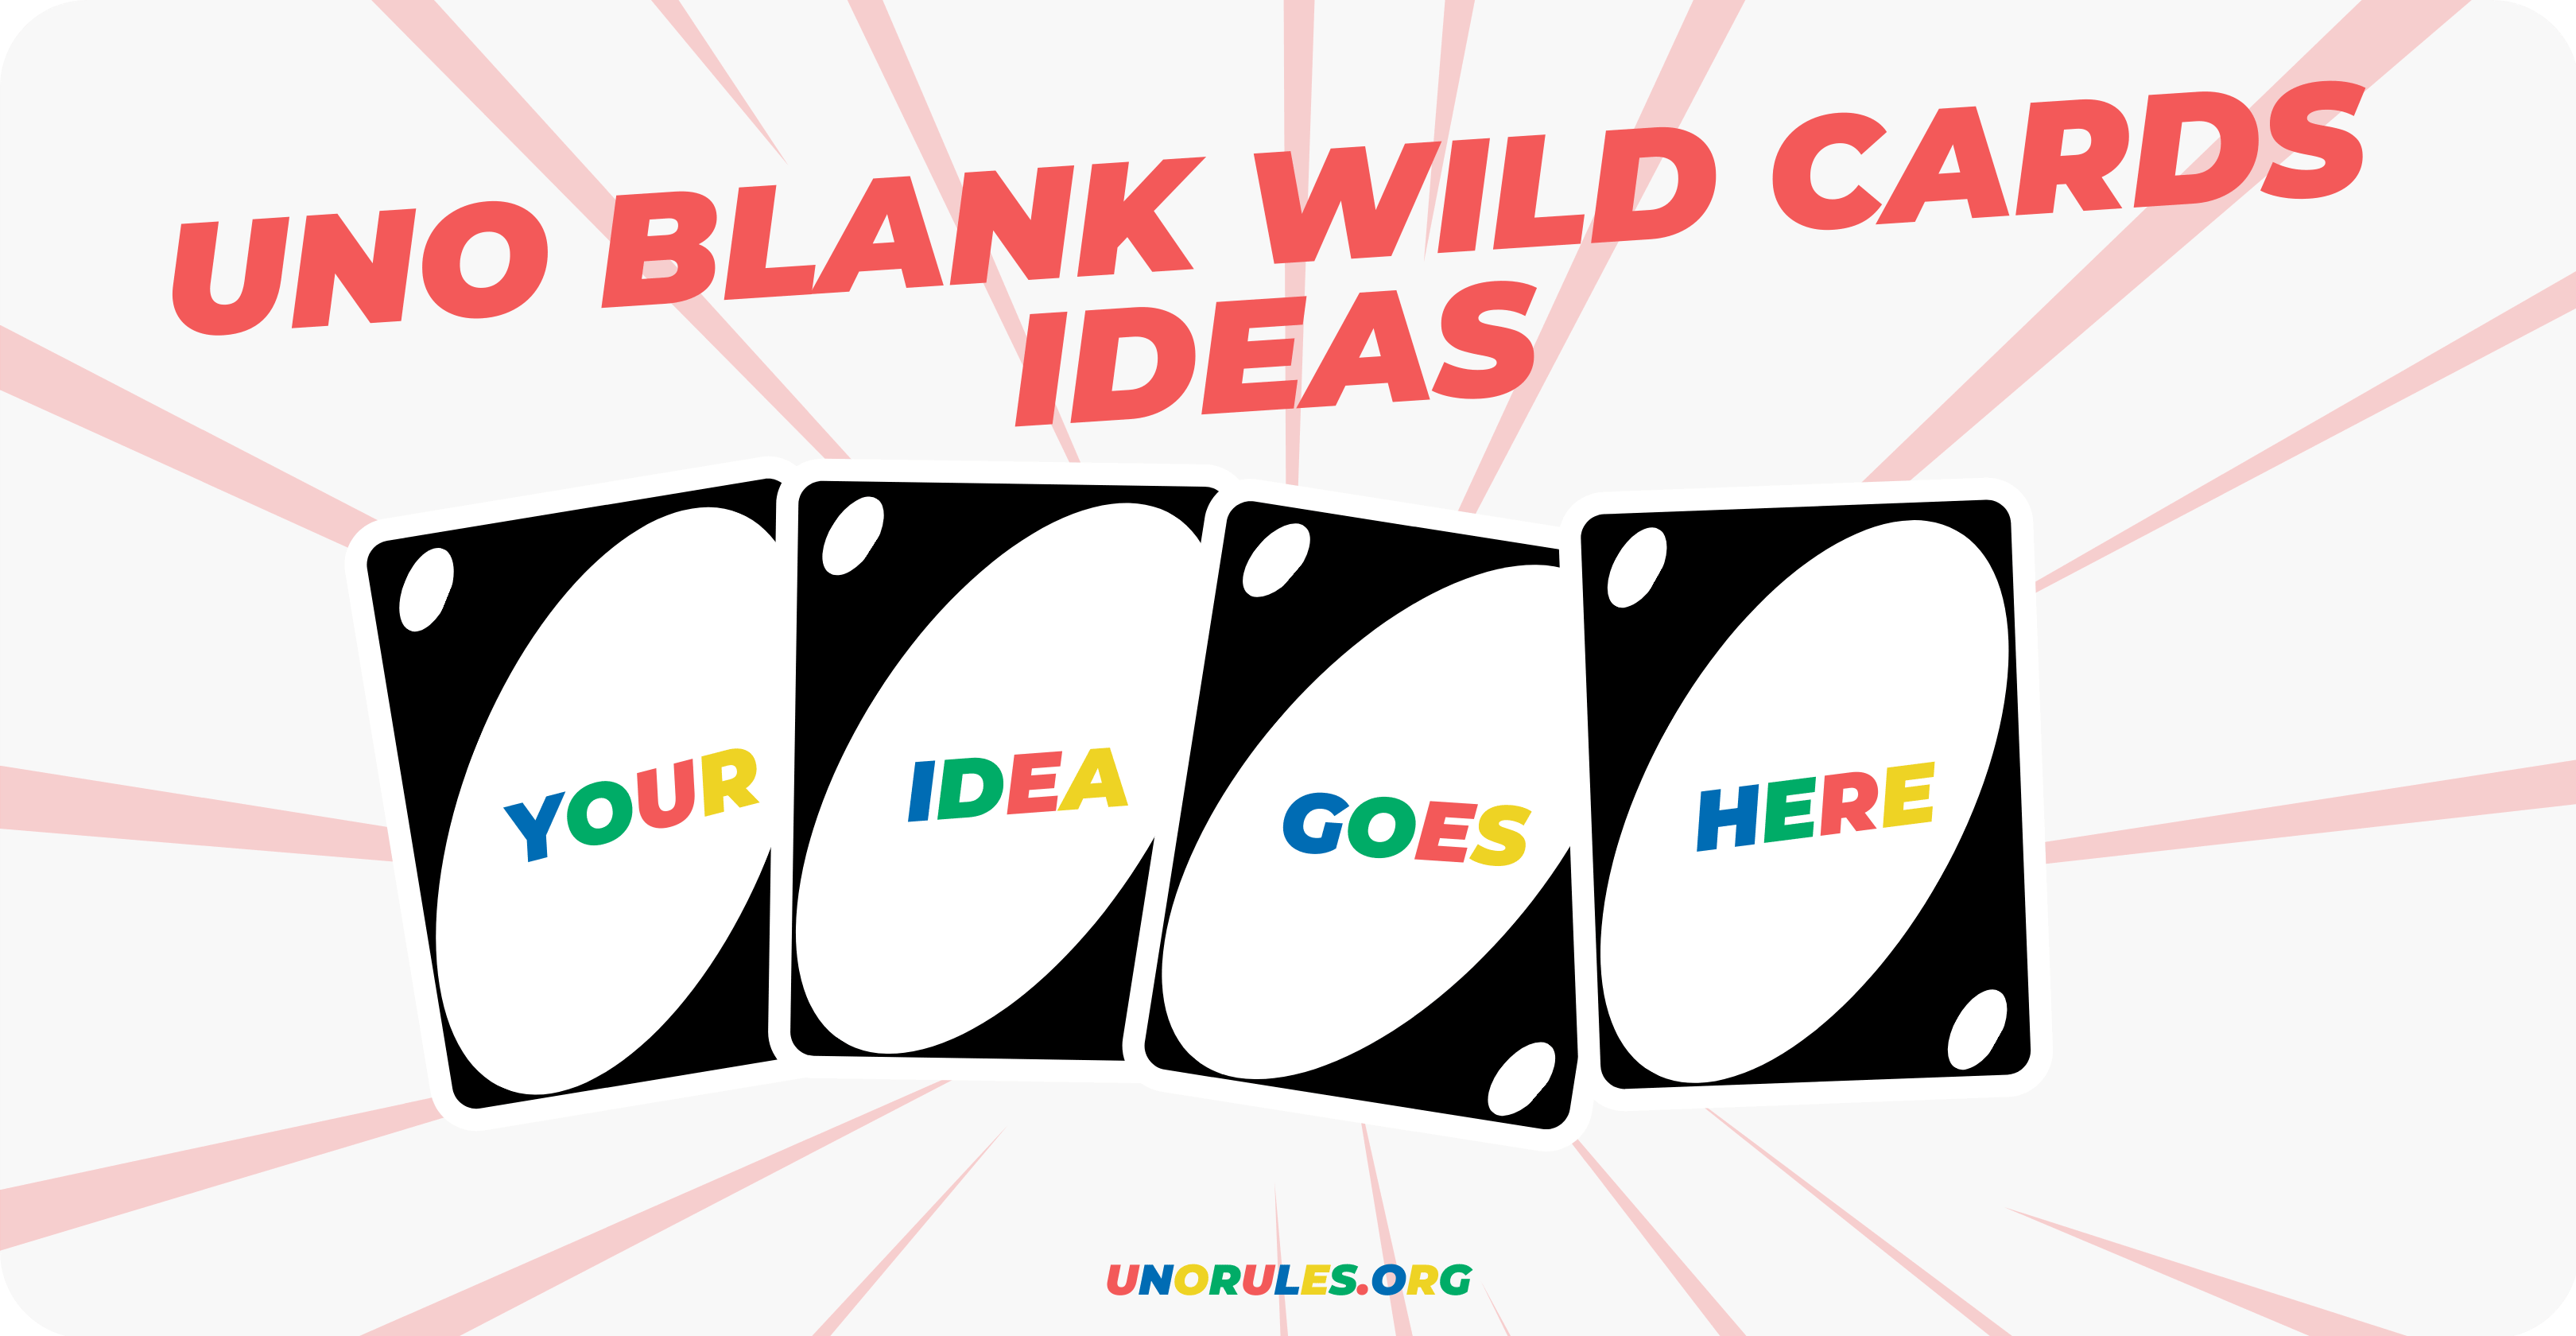 Uno customisable wild card ideas